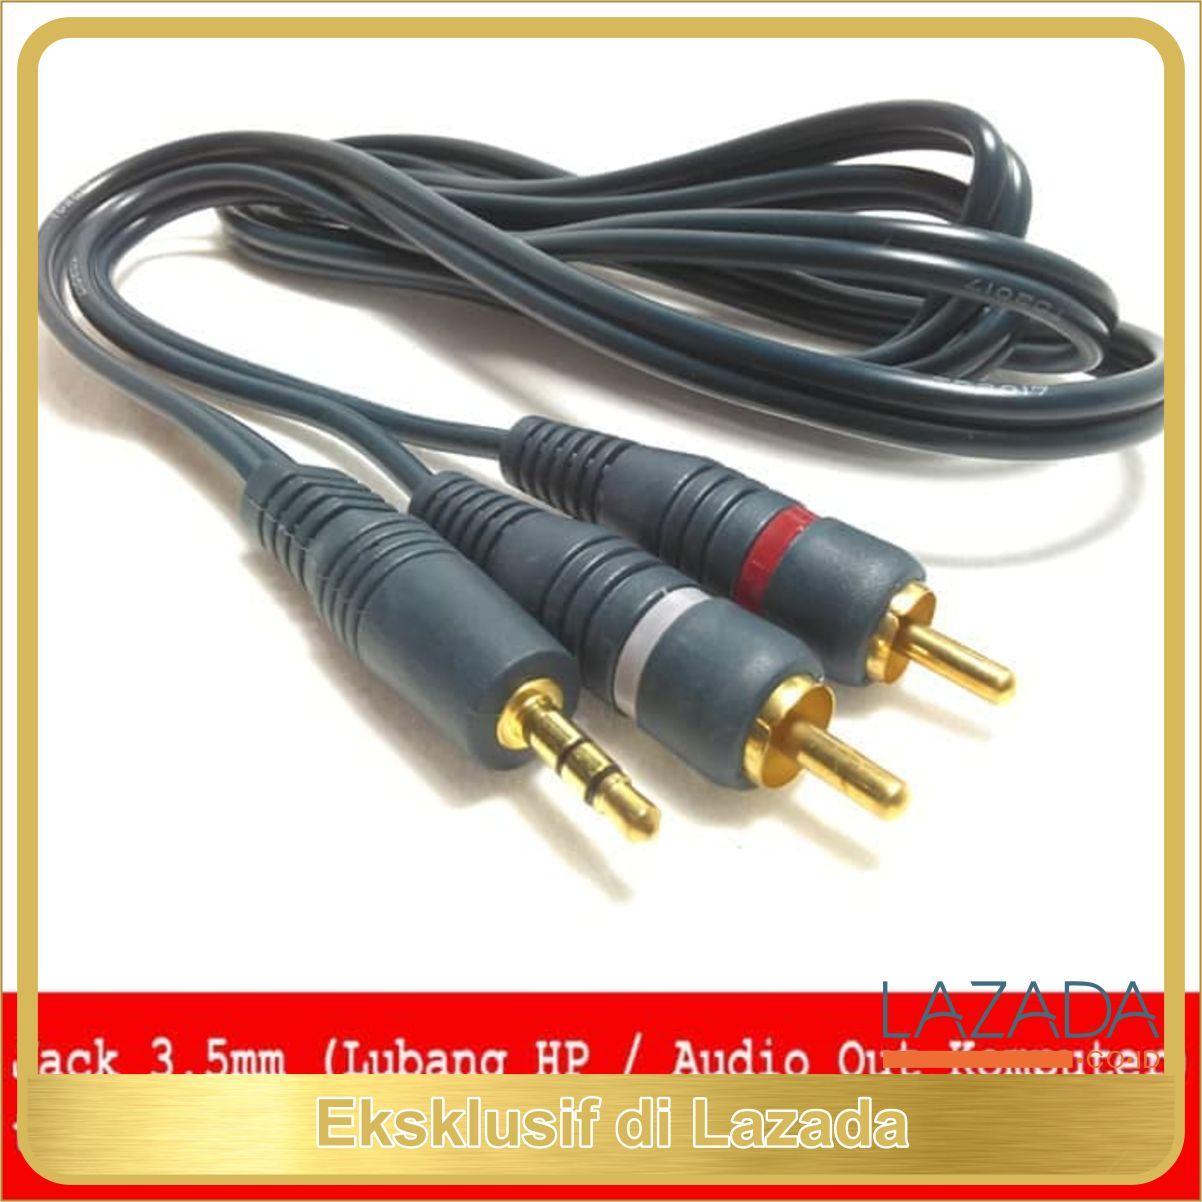 KABEL JACK 3.5MM TO RCA STEREO AUDIO UNTUK DARI HP KE SPEAKER AKTIF TERLARIS DI LAZADA